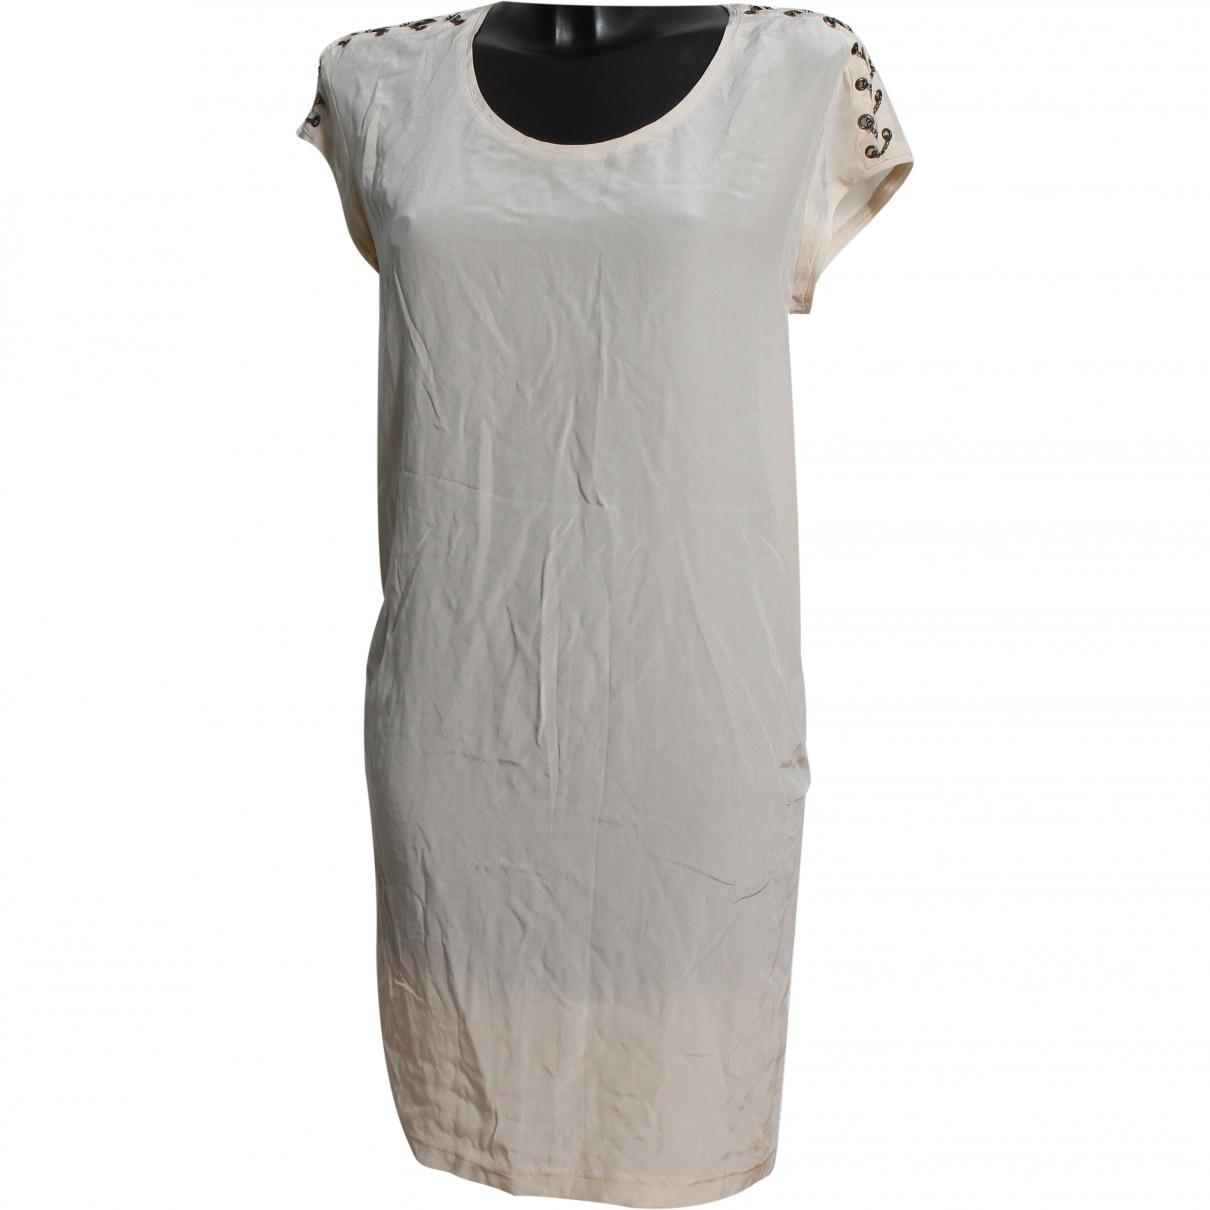 Maje \N Beige Silk dress for Women S International